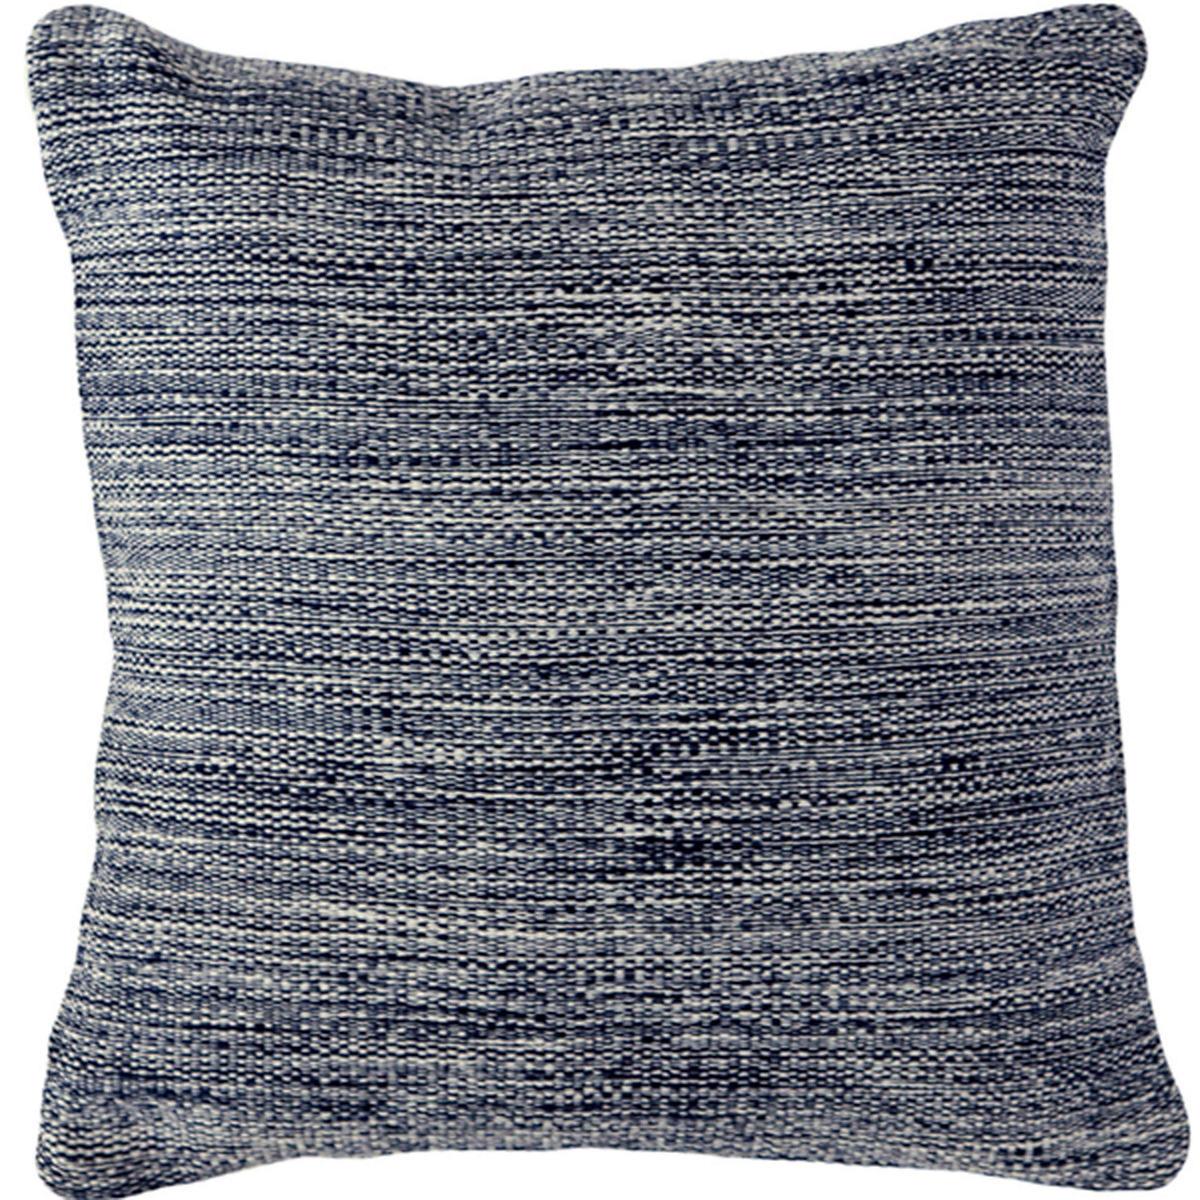 Mingled Navy Indoor/Outdoor Pillow